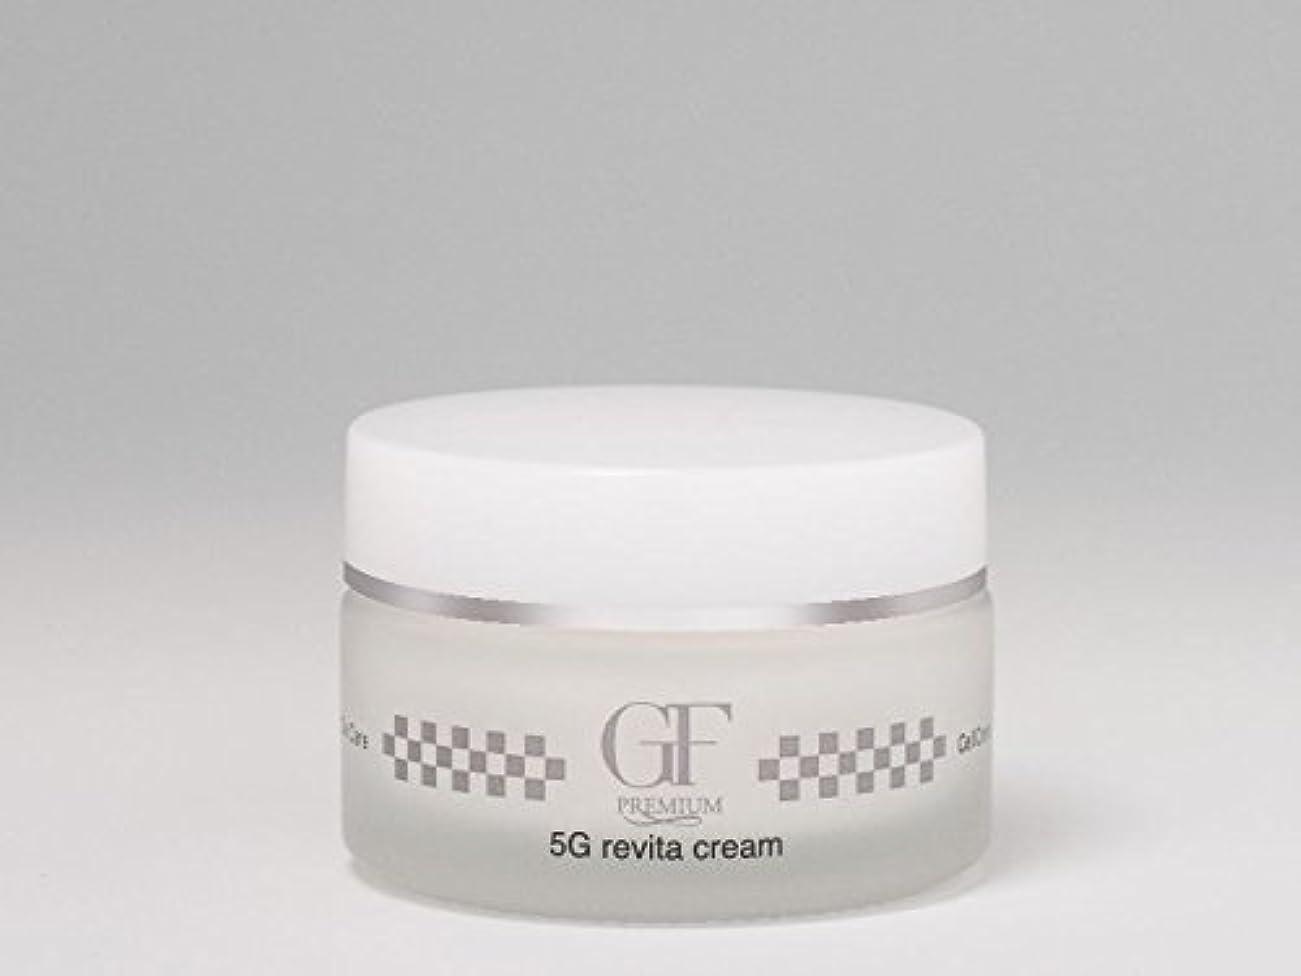 アクセサリー主人環境セルケア GFプレミアム 5Gリバイタ クリーム 40g